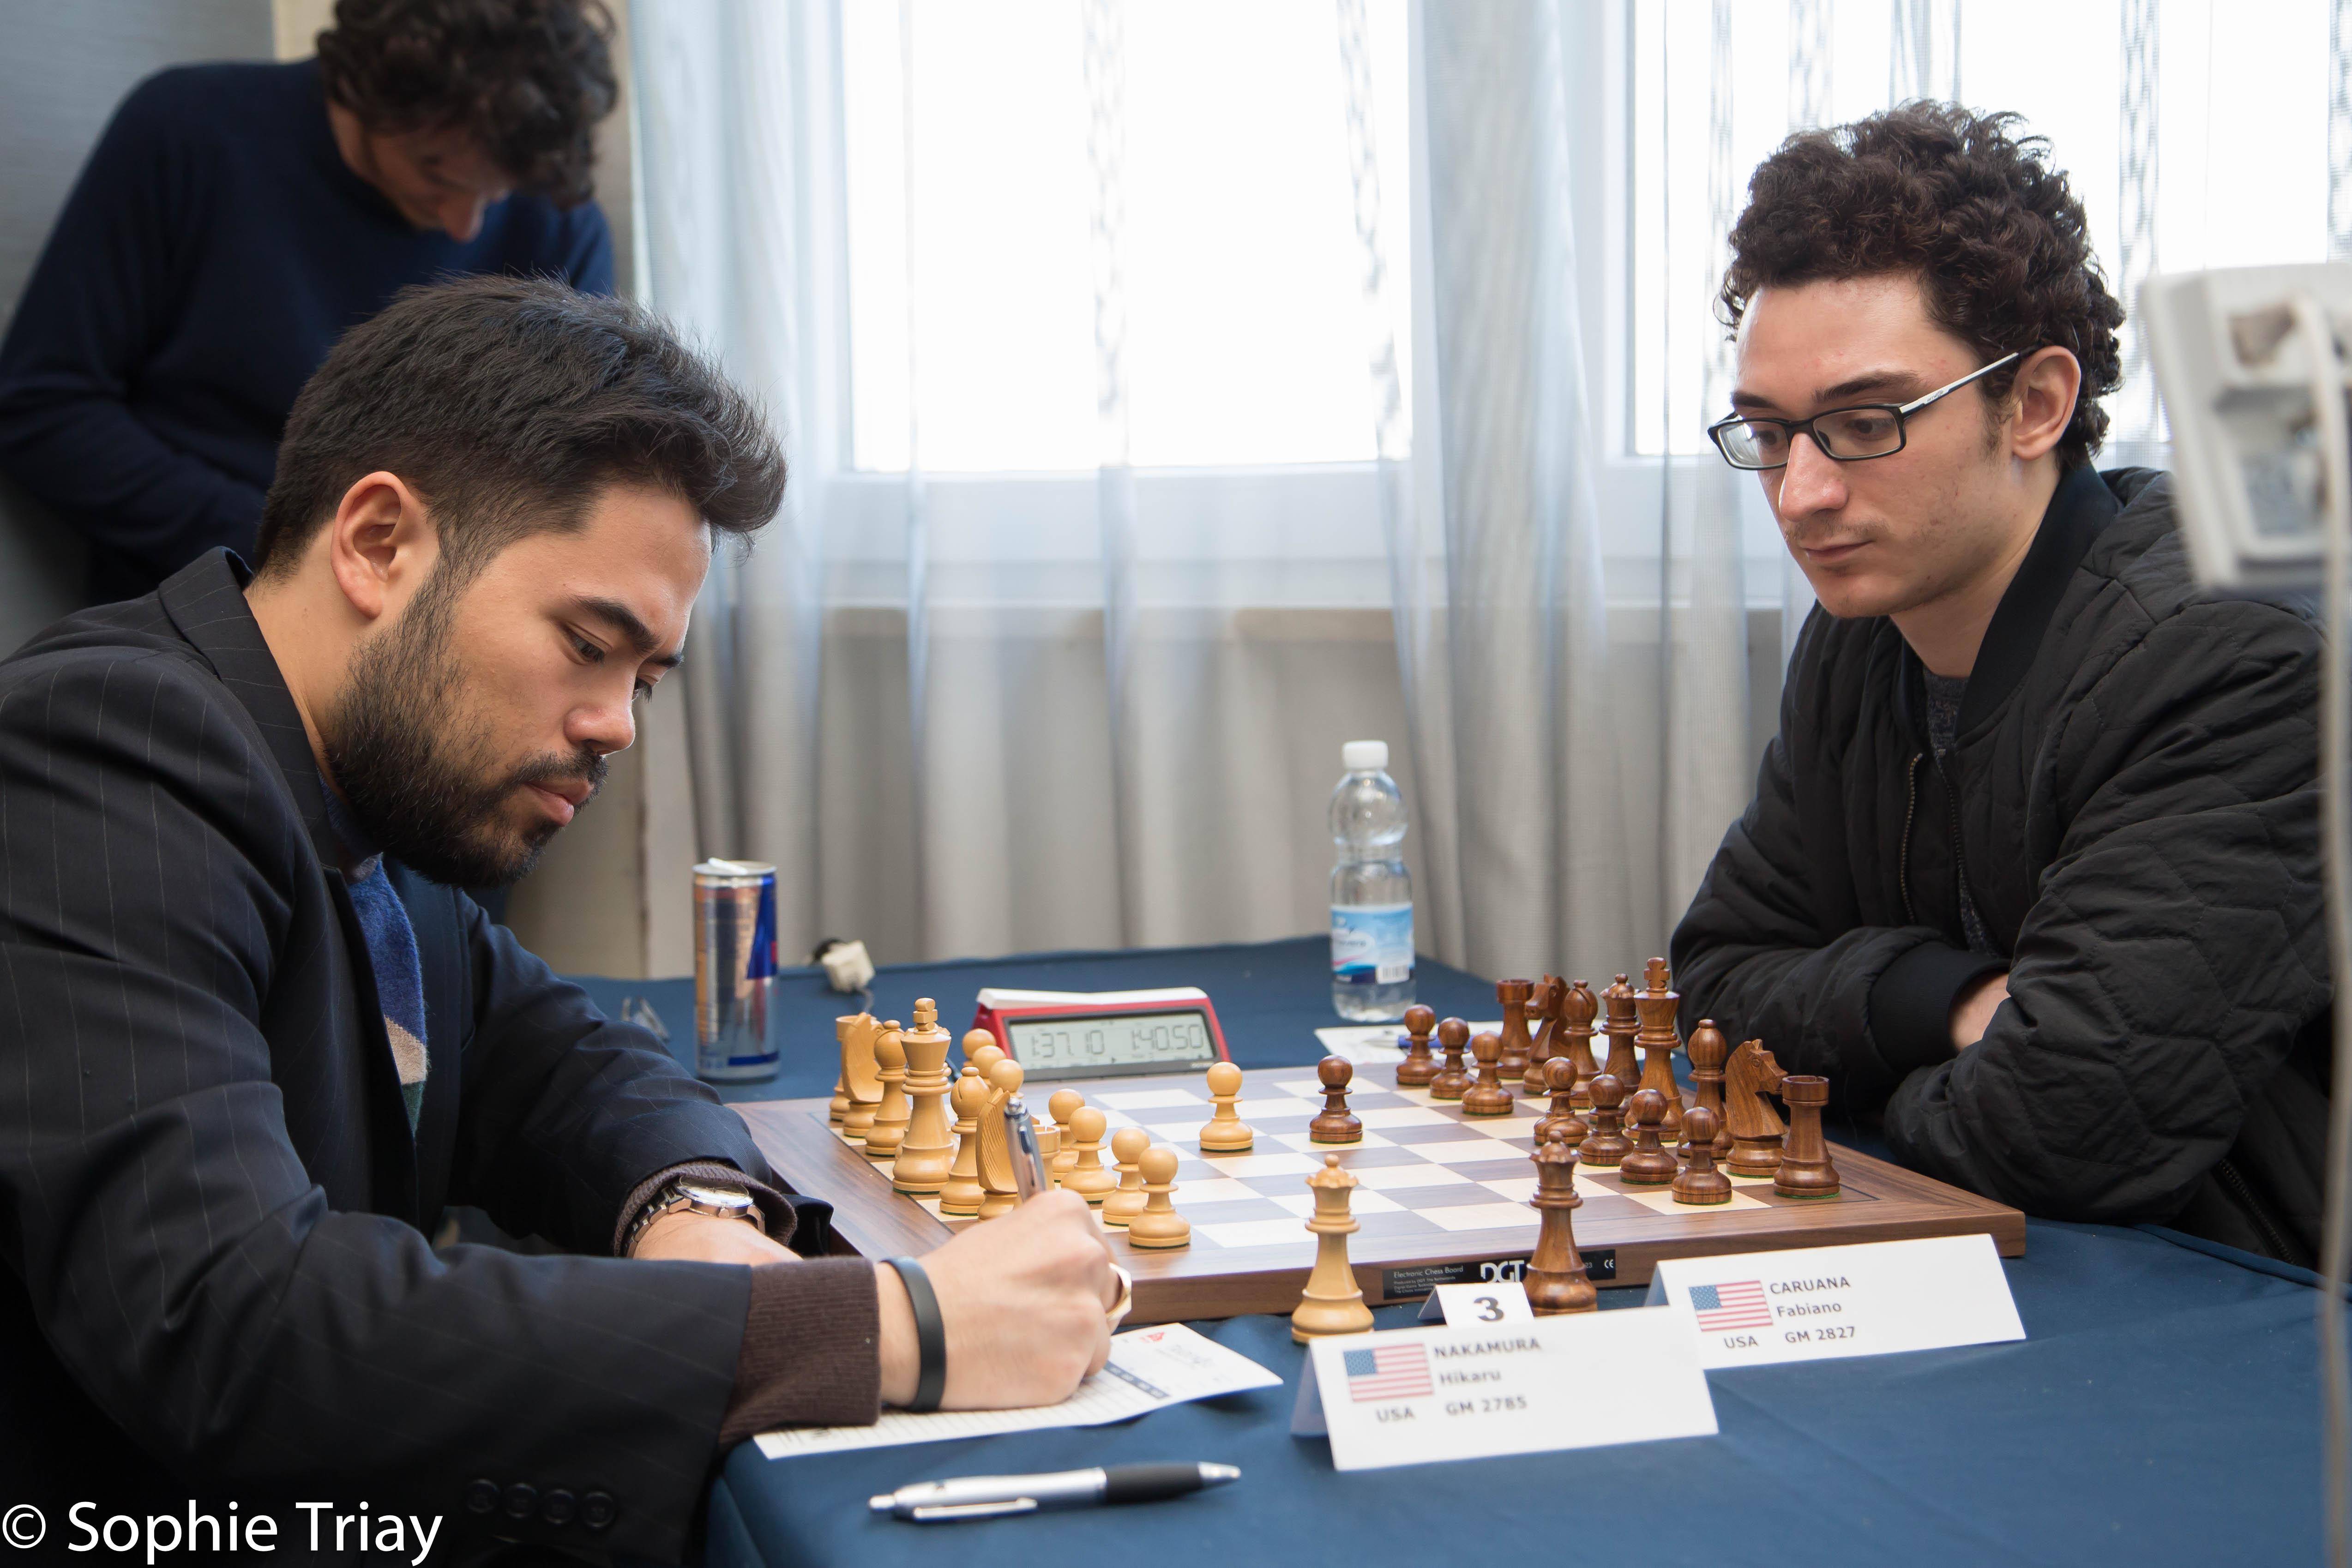 Hikaru Nakamura, Fabiano Caruana